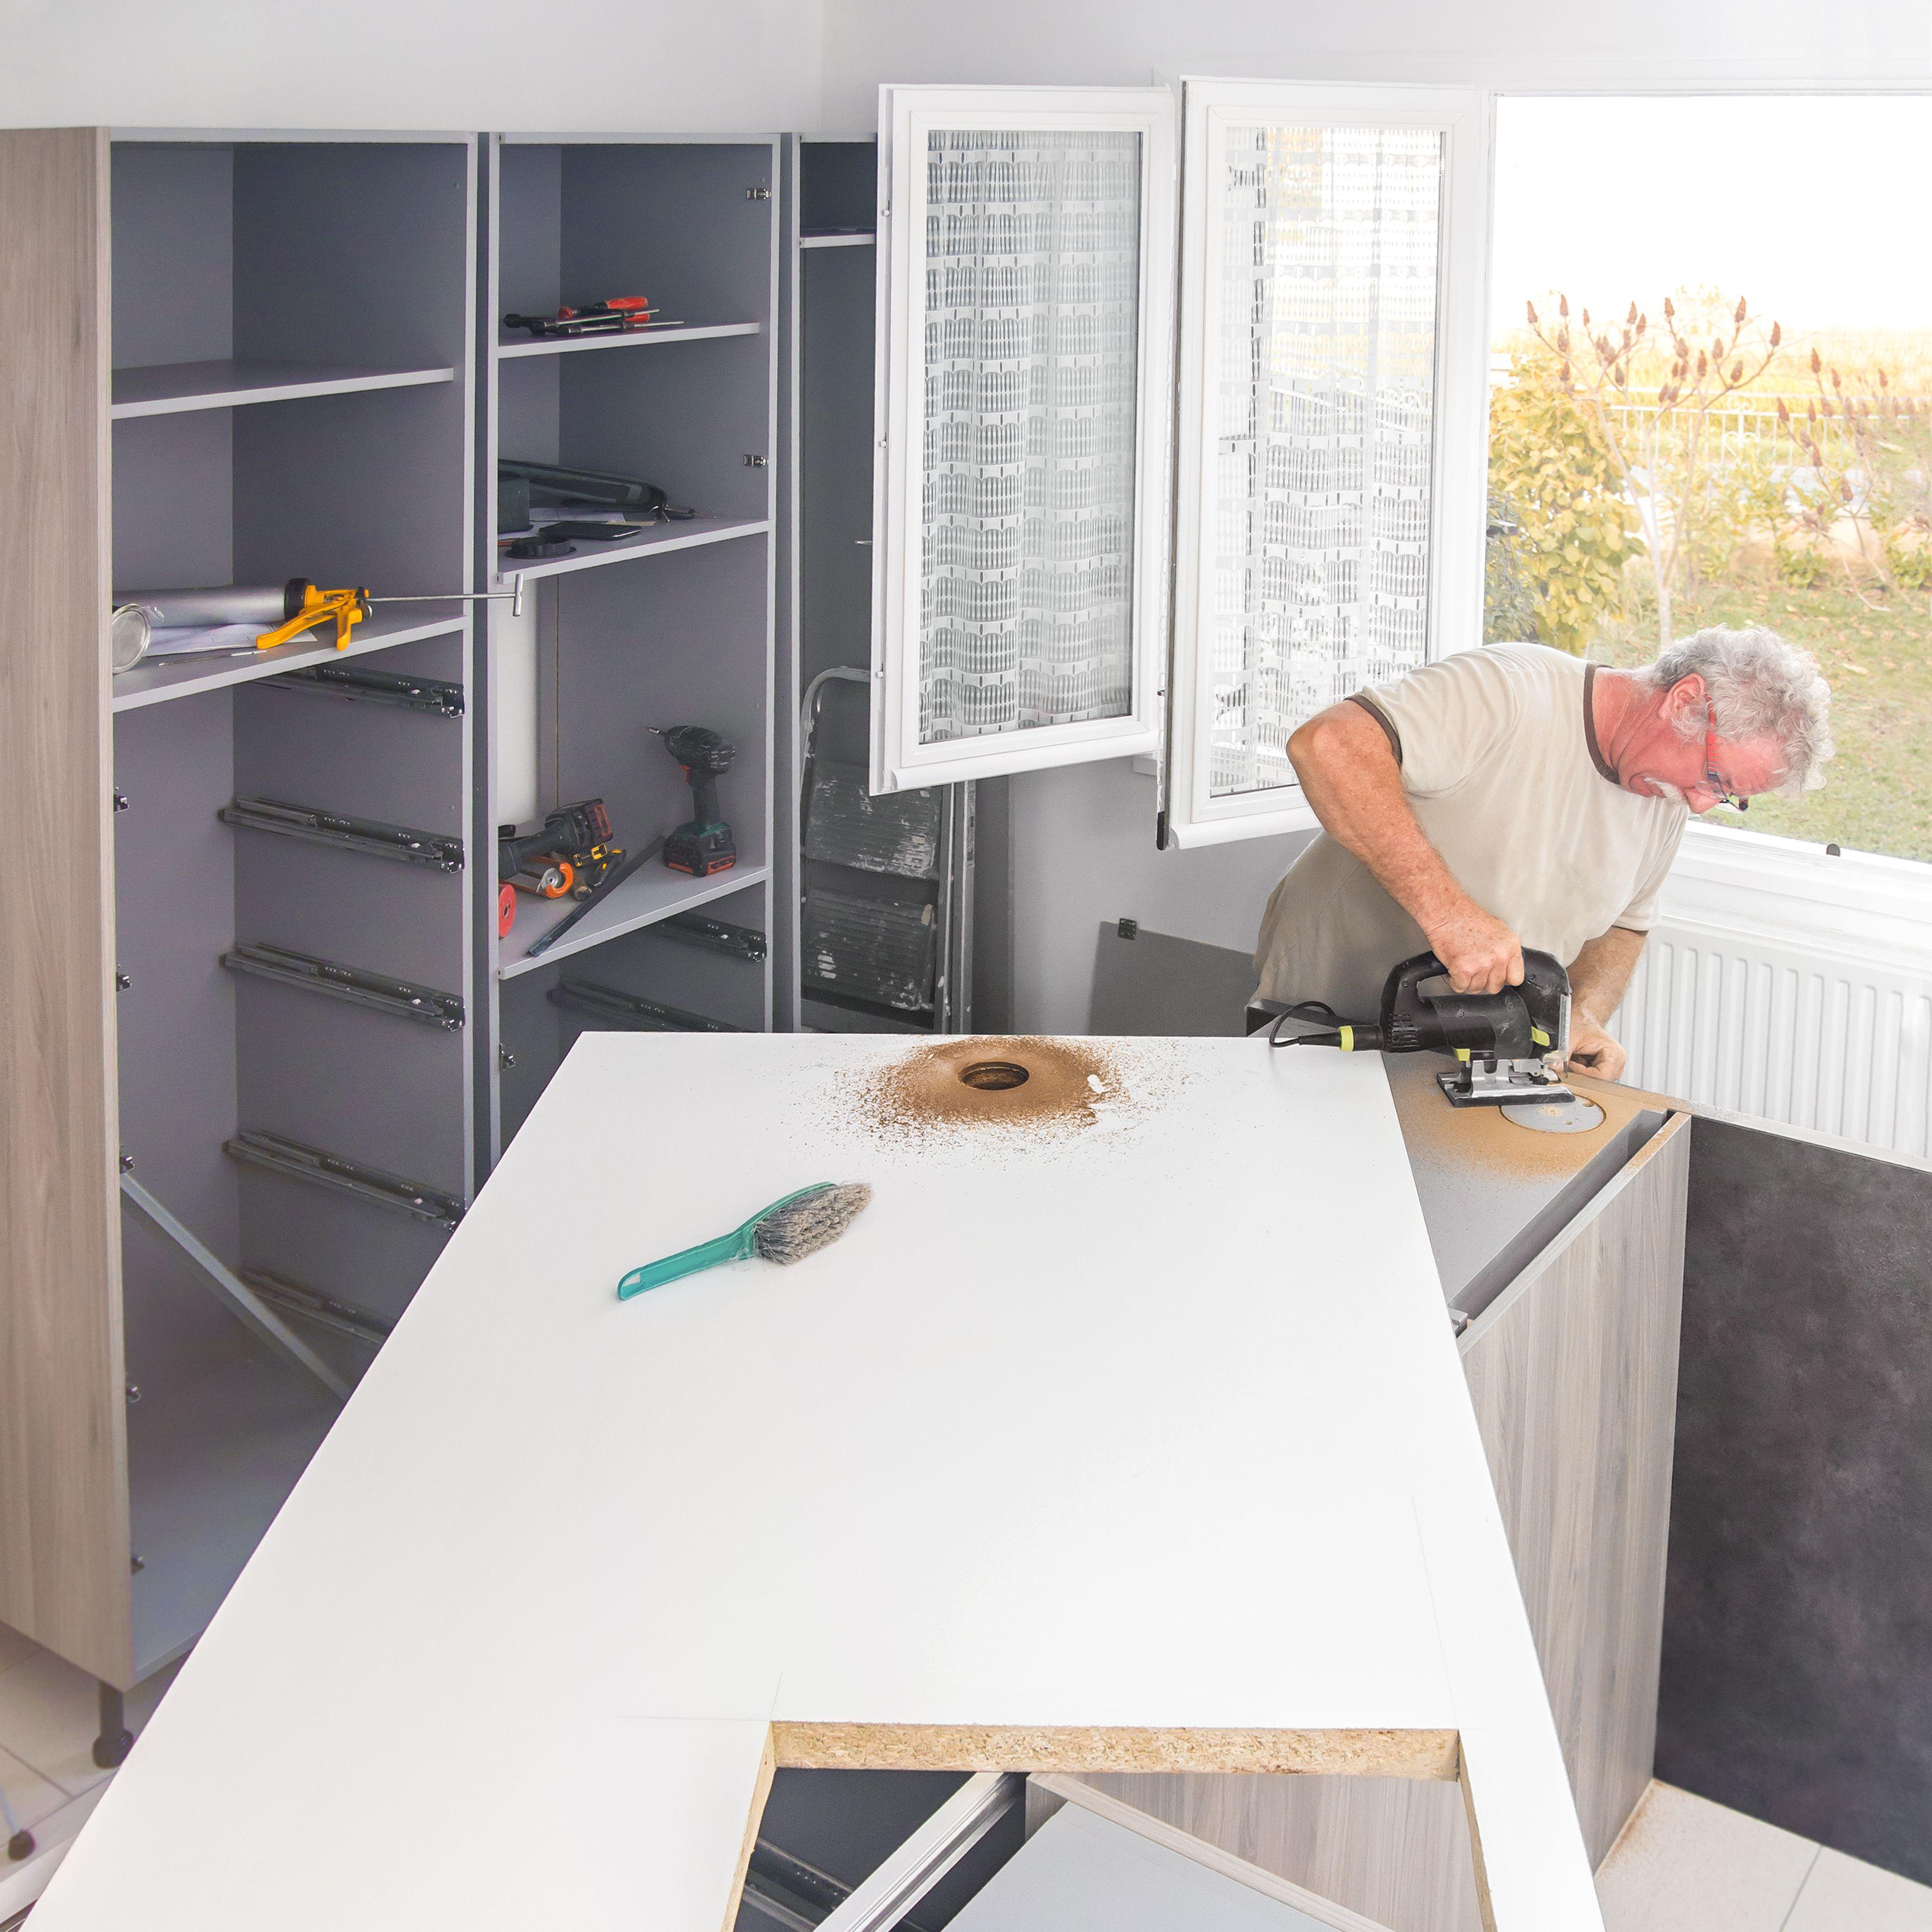 remodeling kitchen on a budget home depot backsplash tile how to do remodel